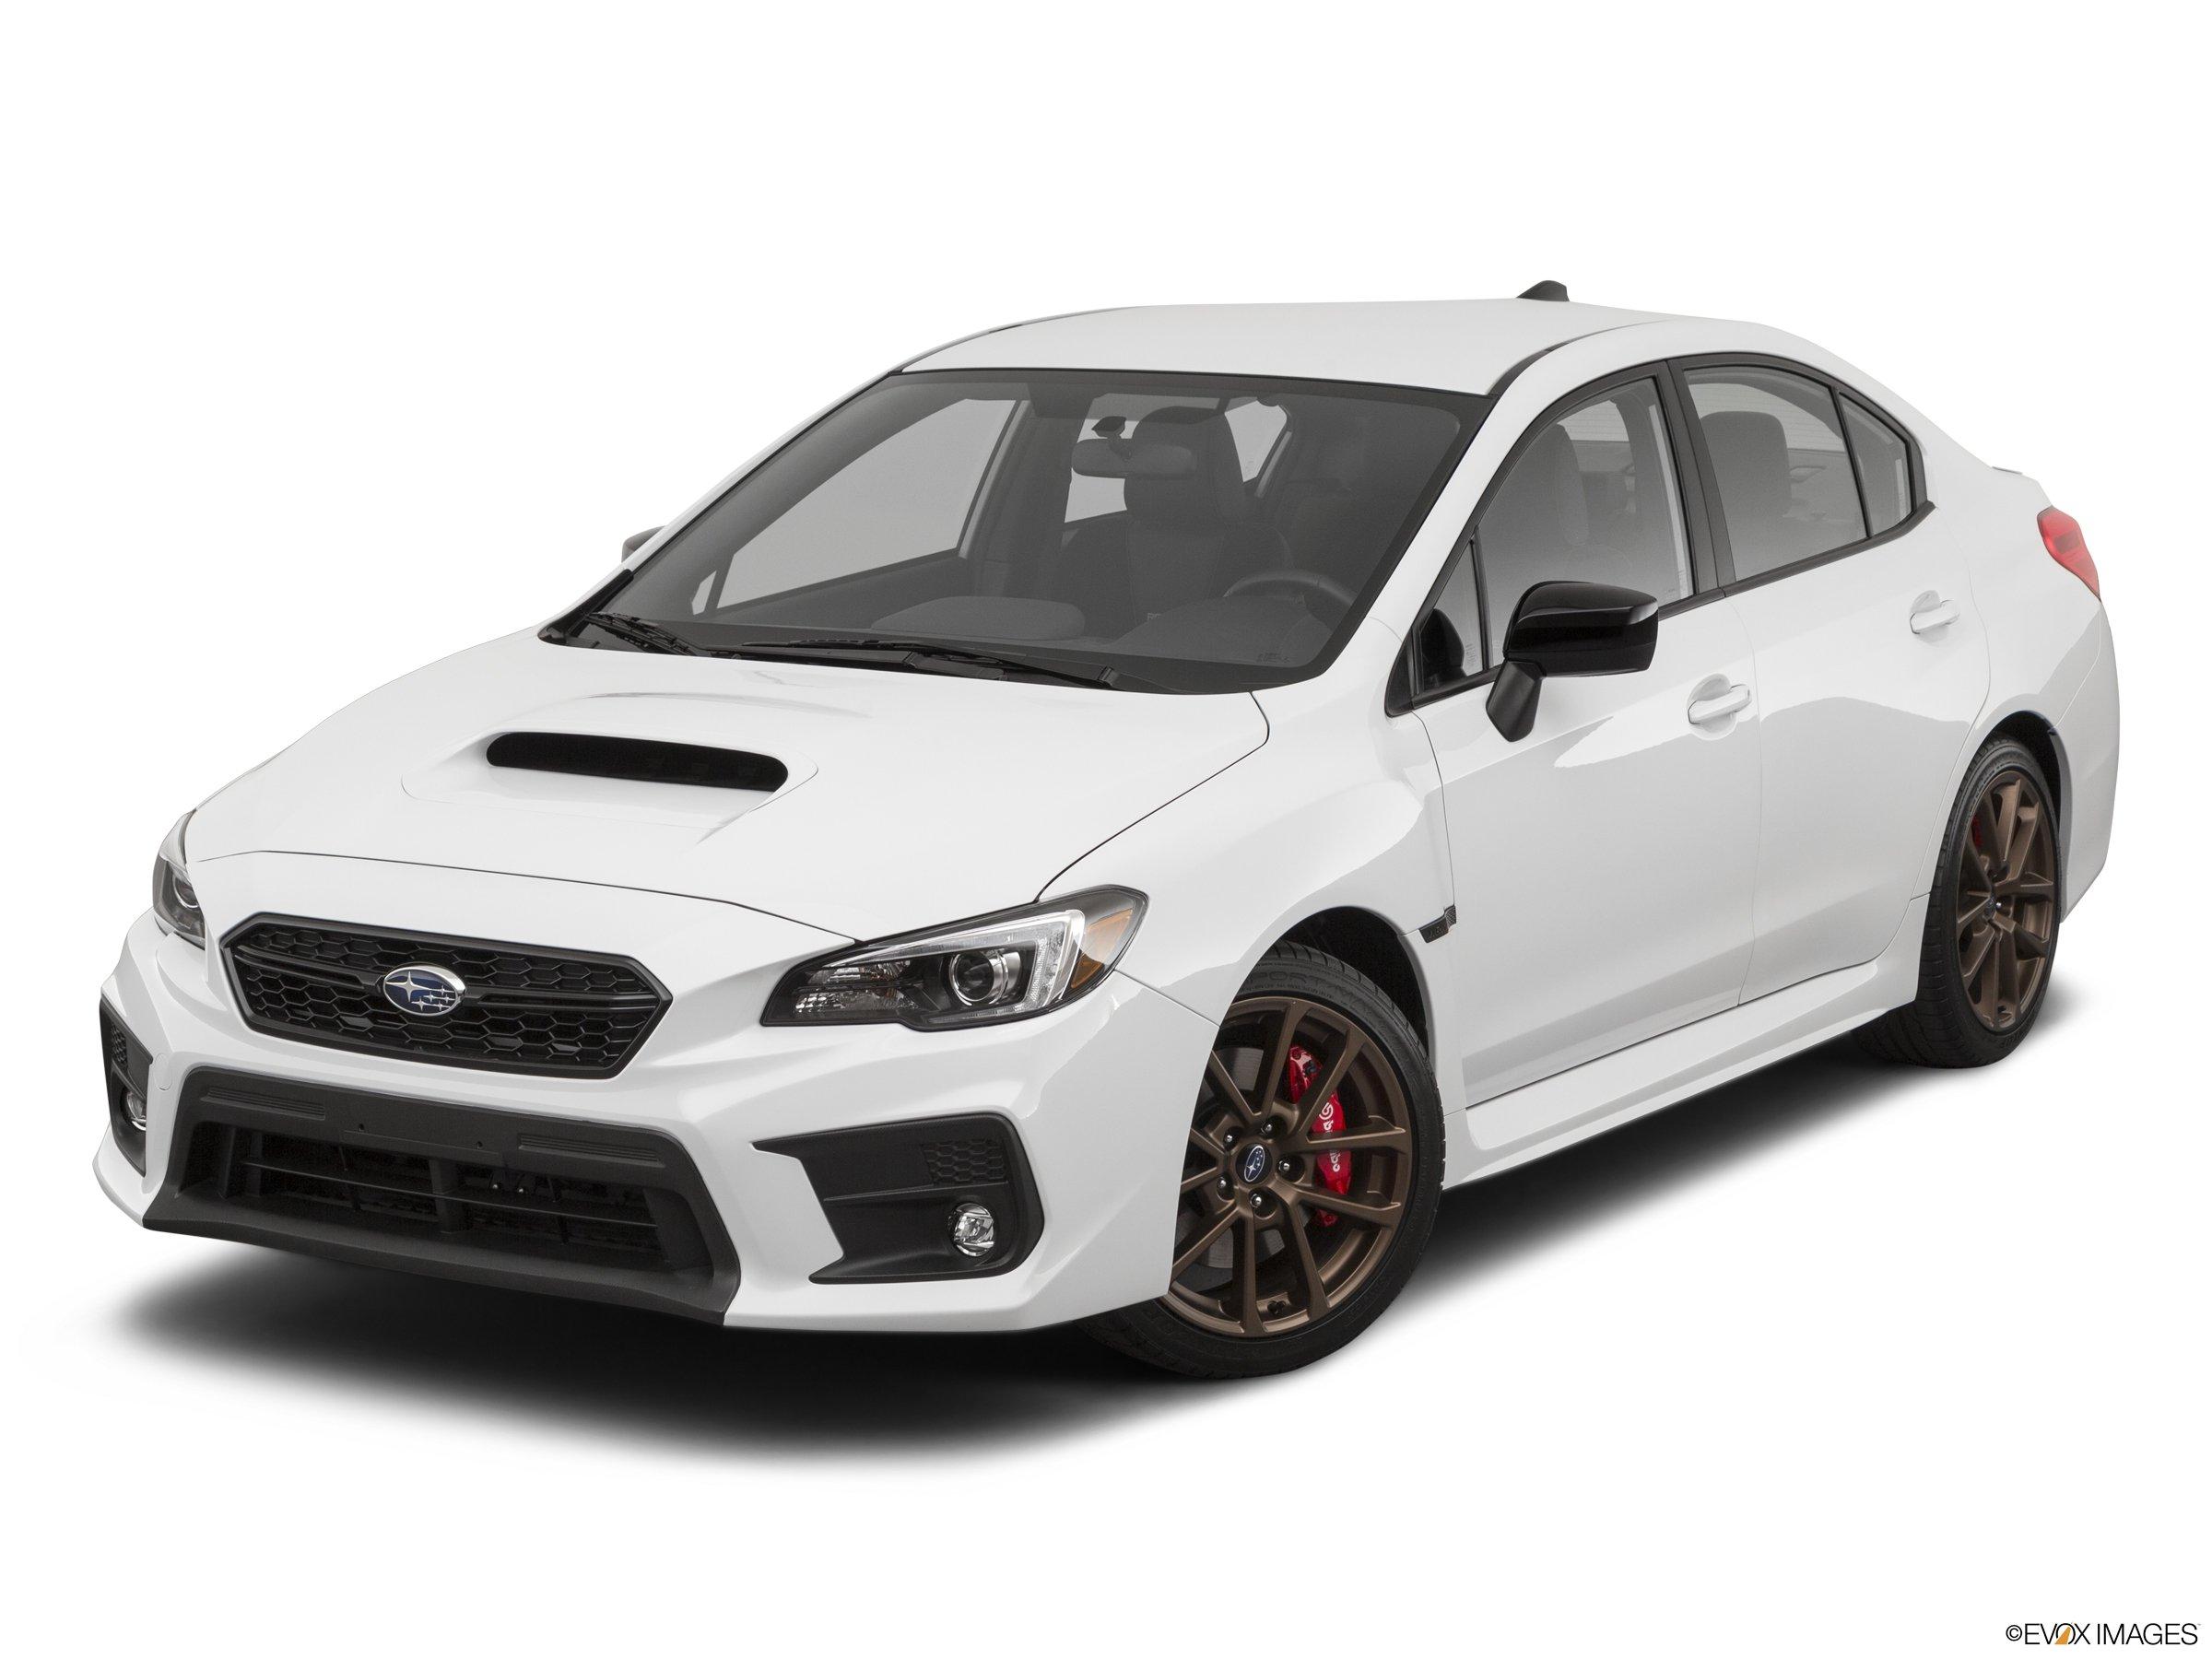 2020 Subaru WRX Series White AWD sedan